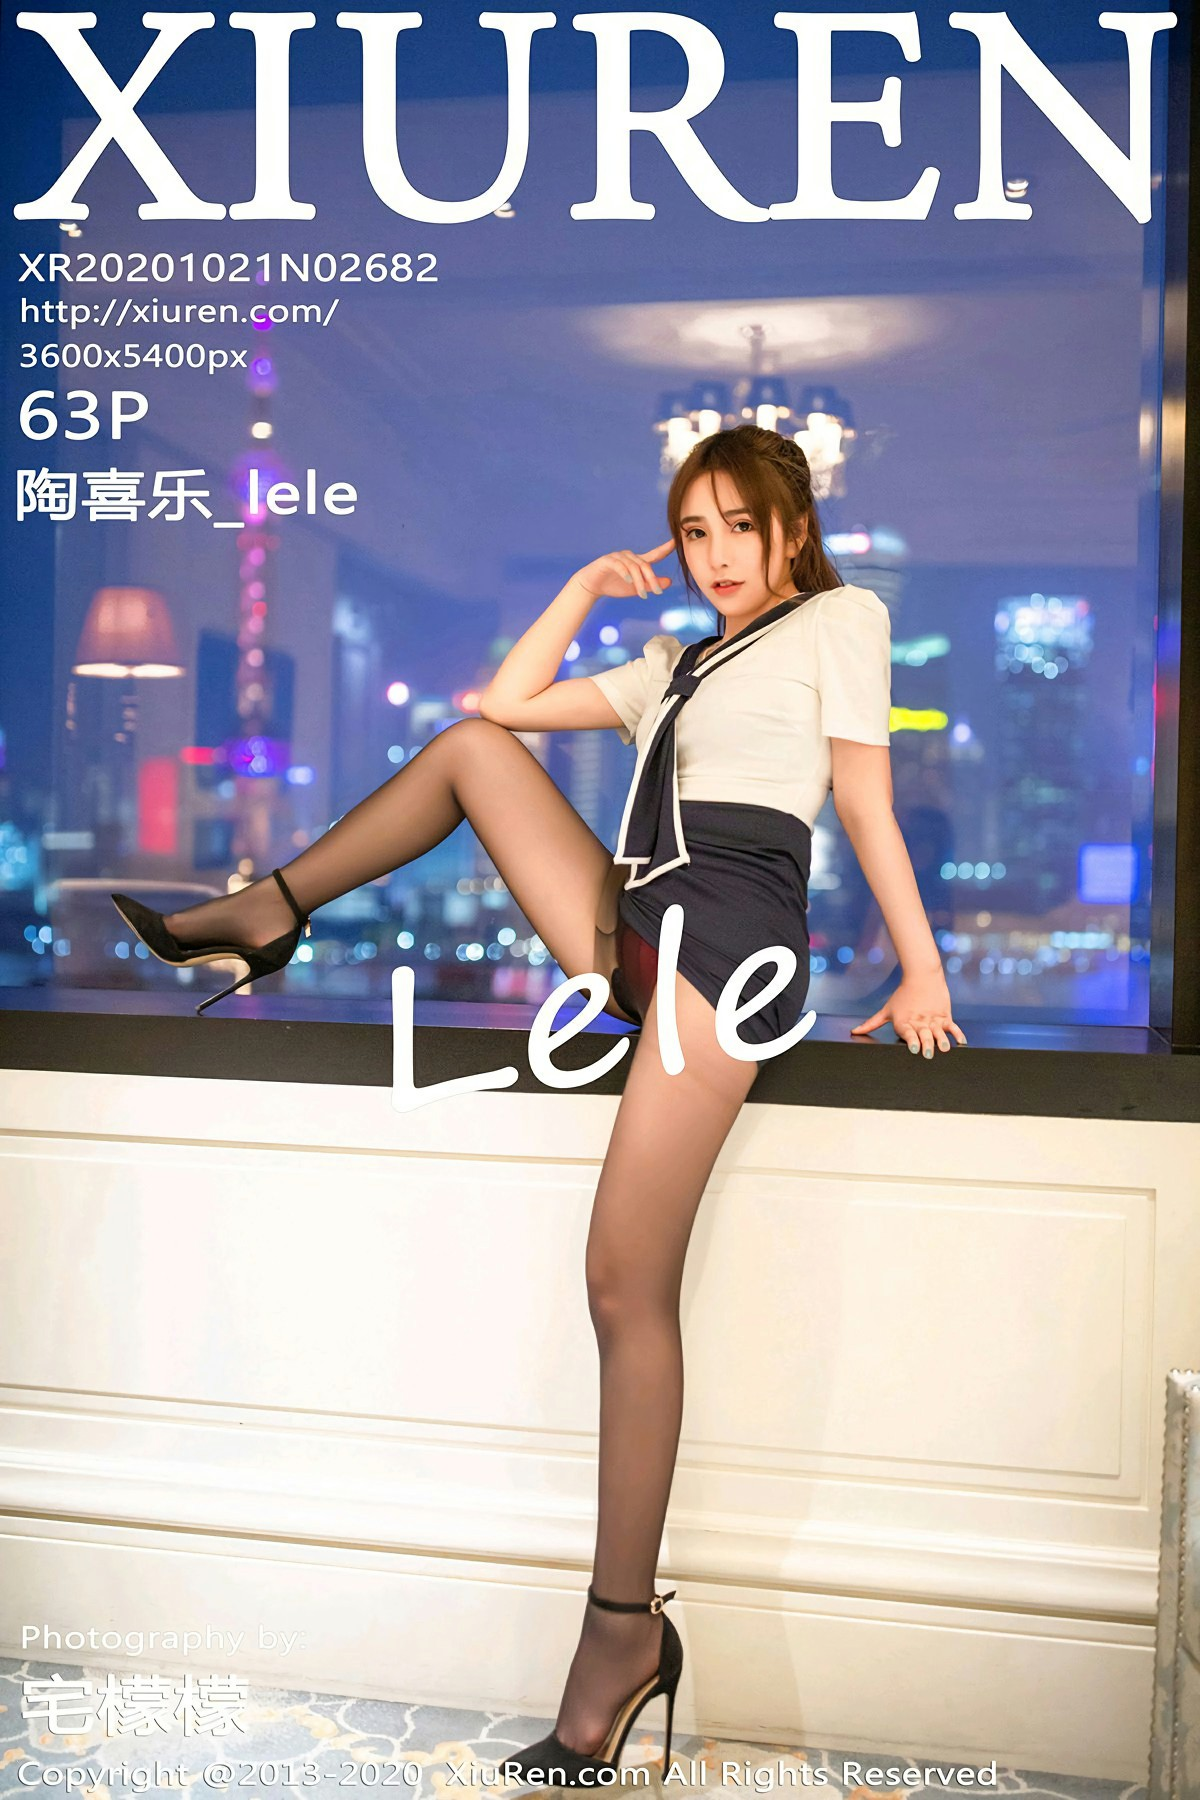 [XiuRen秀人网] 2020.10.21 No.2682 陶喜乐_lele 第1张